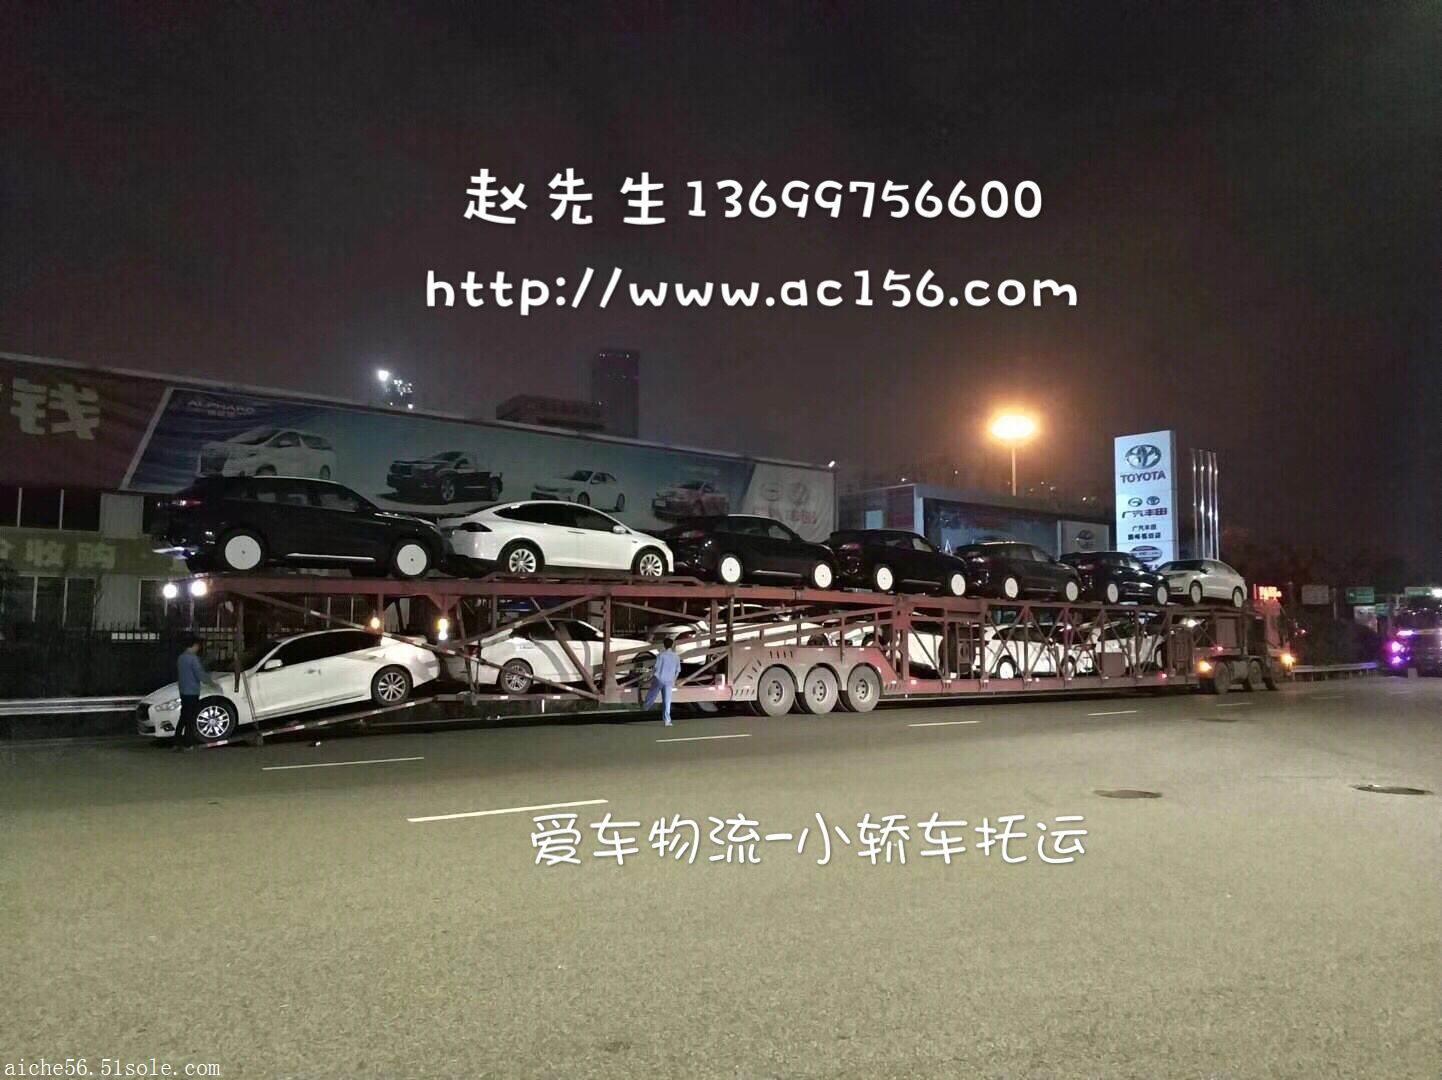 深圳到北京私家车托运 深圳到北京保密车运输 深圳到北京轿车托运